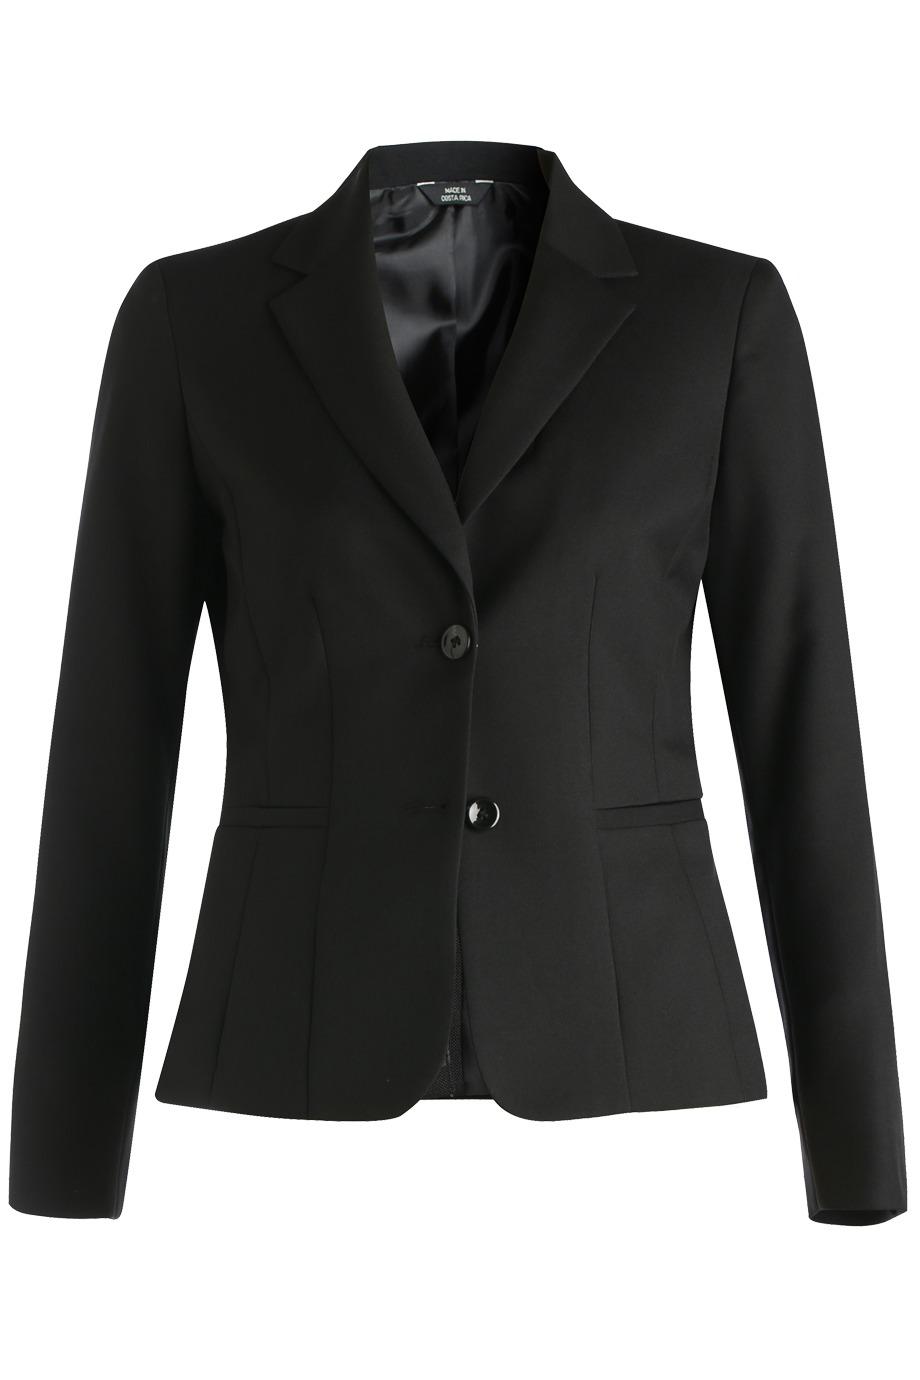 Edwards Garment 6525 - Synergy Washable Suit Coat